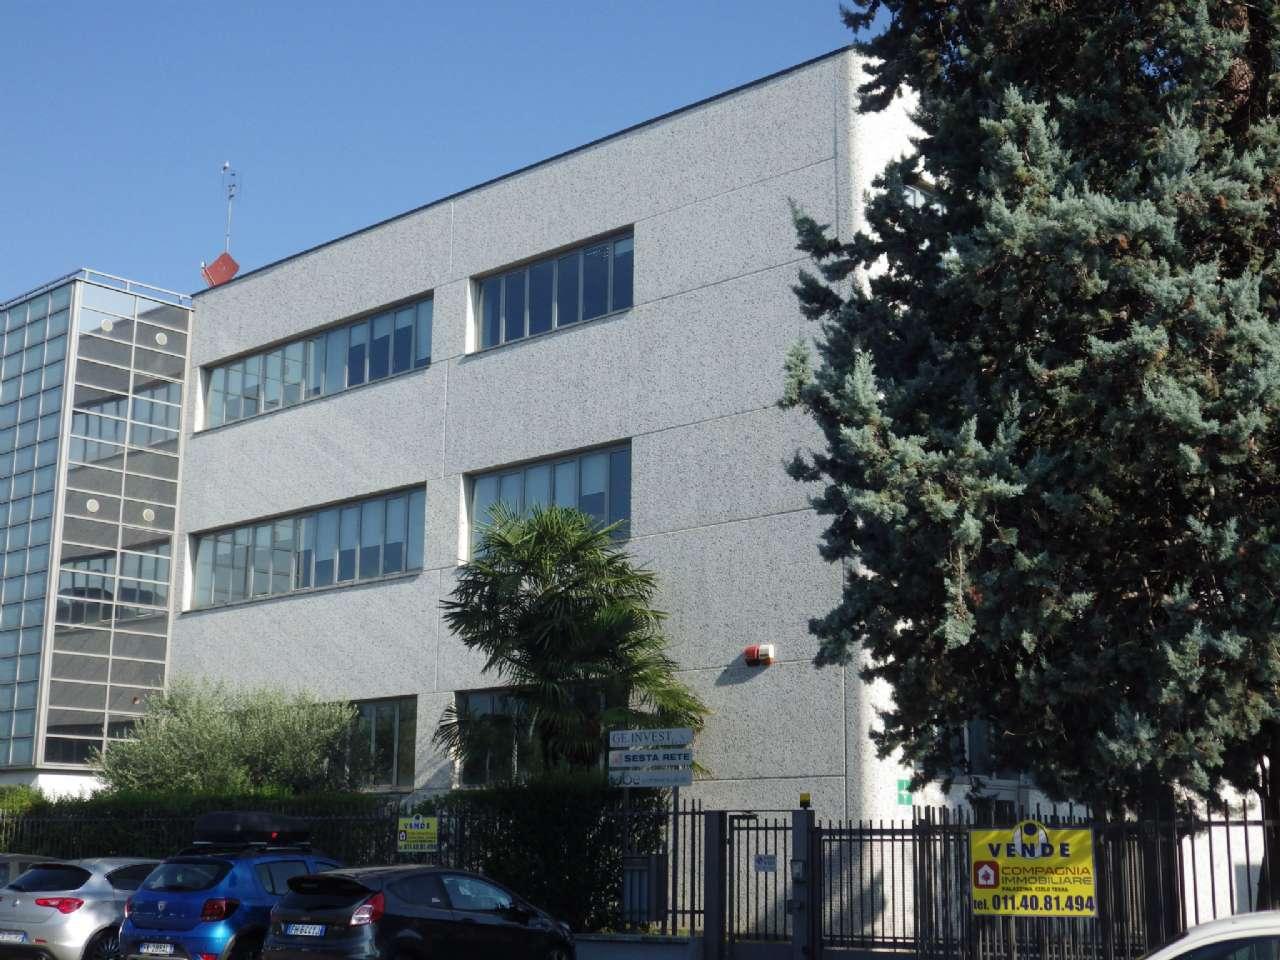 Ufficio in Vendita a Grugliasco